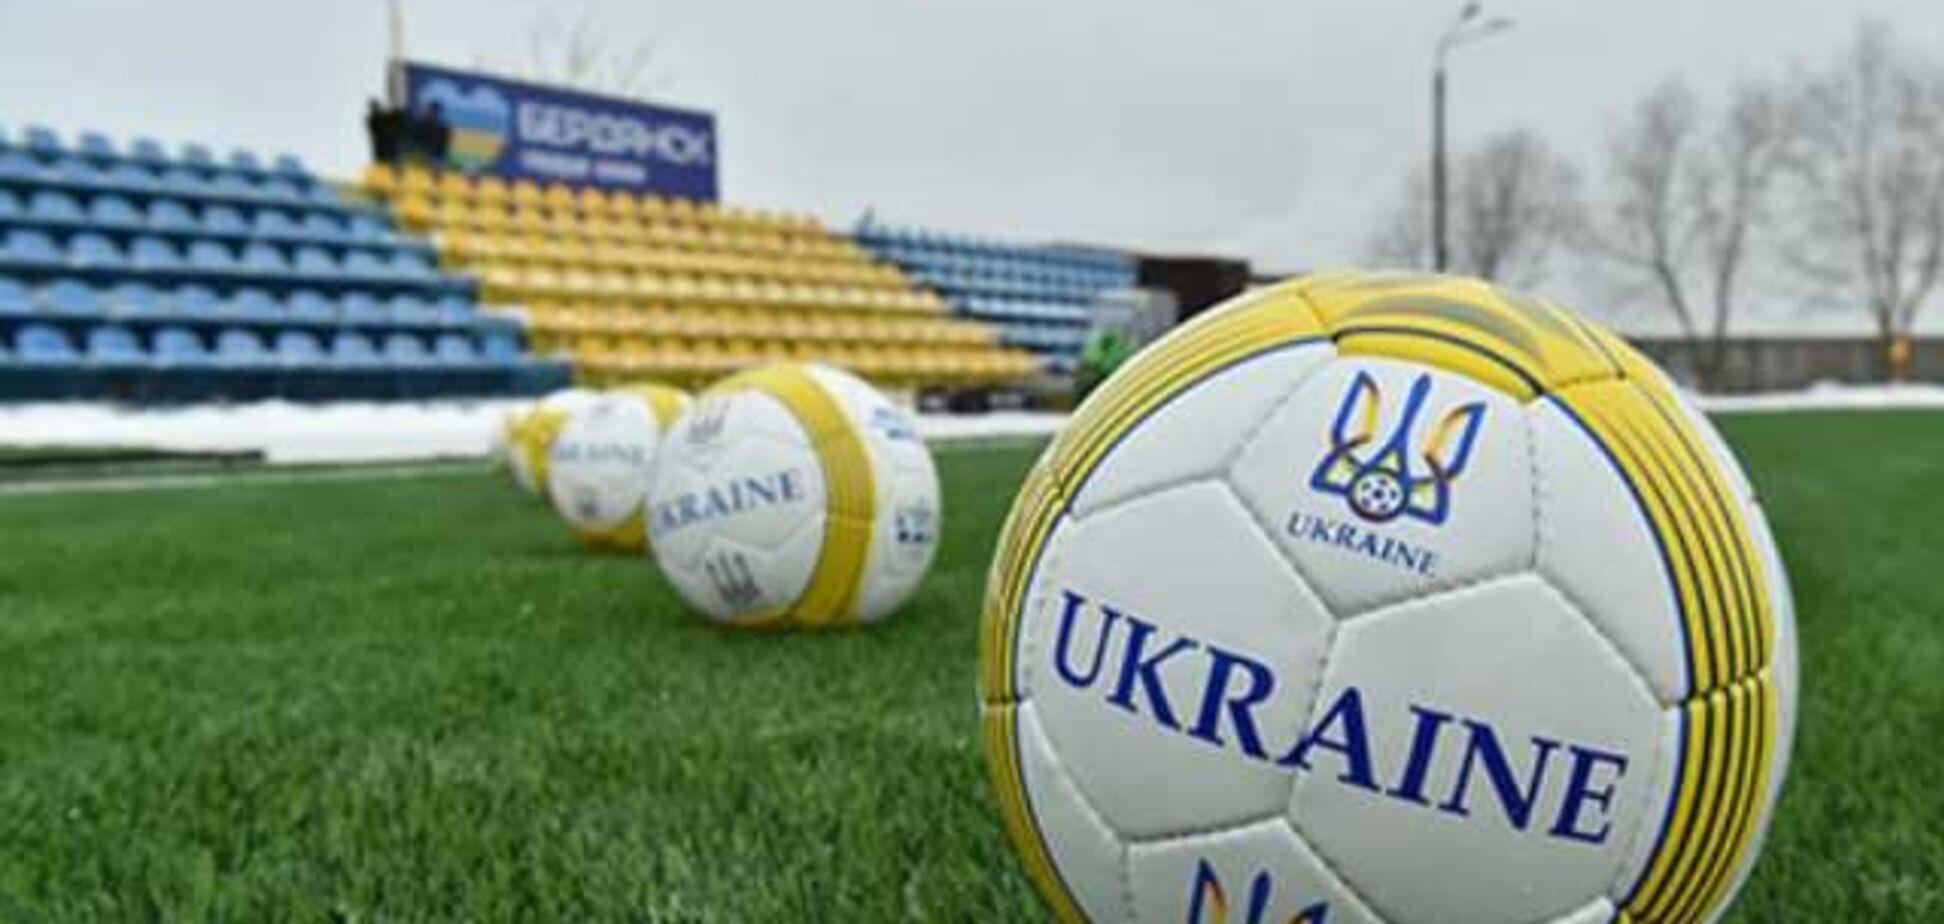 Официально: сборная Украины получила техническое поражение от УЕФА и не попала на Евро